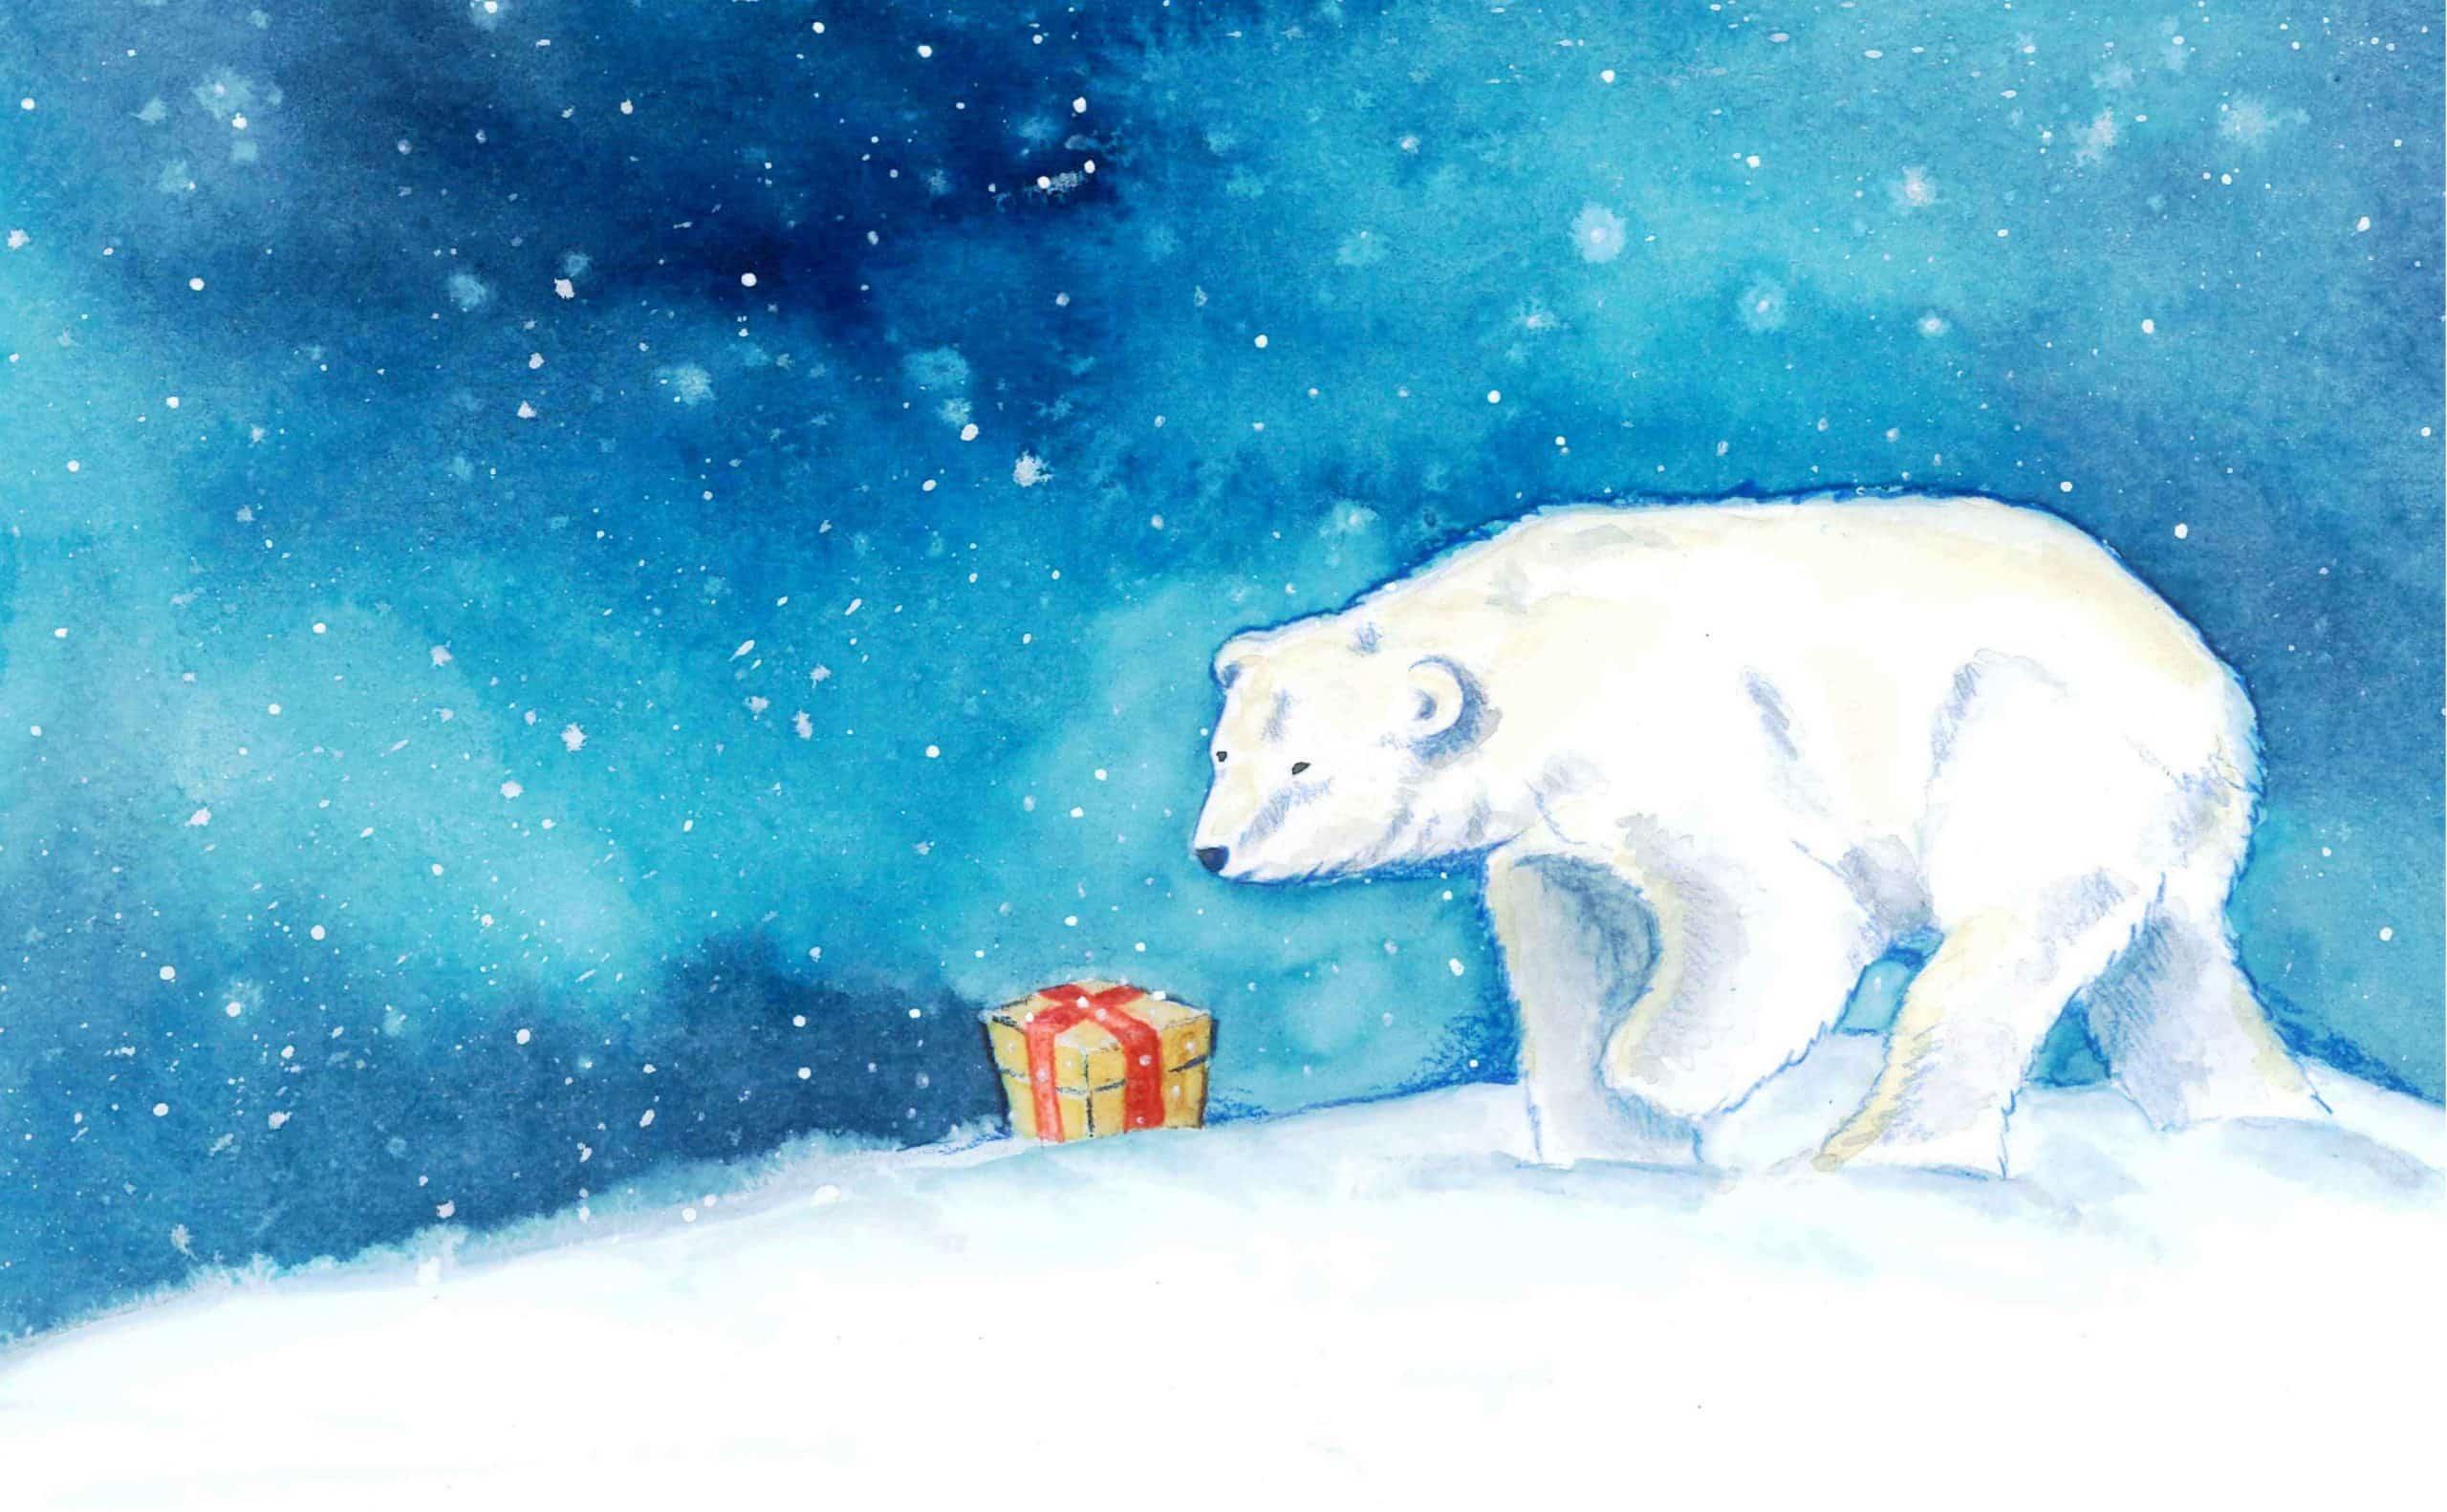 Weihnachtsgedichte Für Kinder • Weihnachtsgedichte • Briefeguru innen Kurze Weihnachtsgedichte Für Kindergartenkinder Lustig